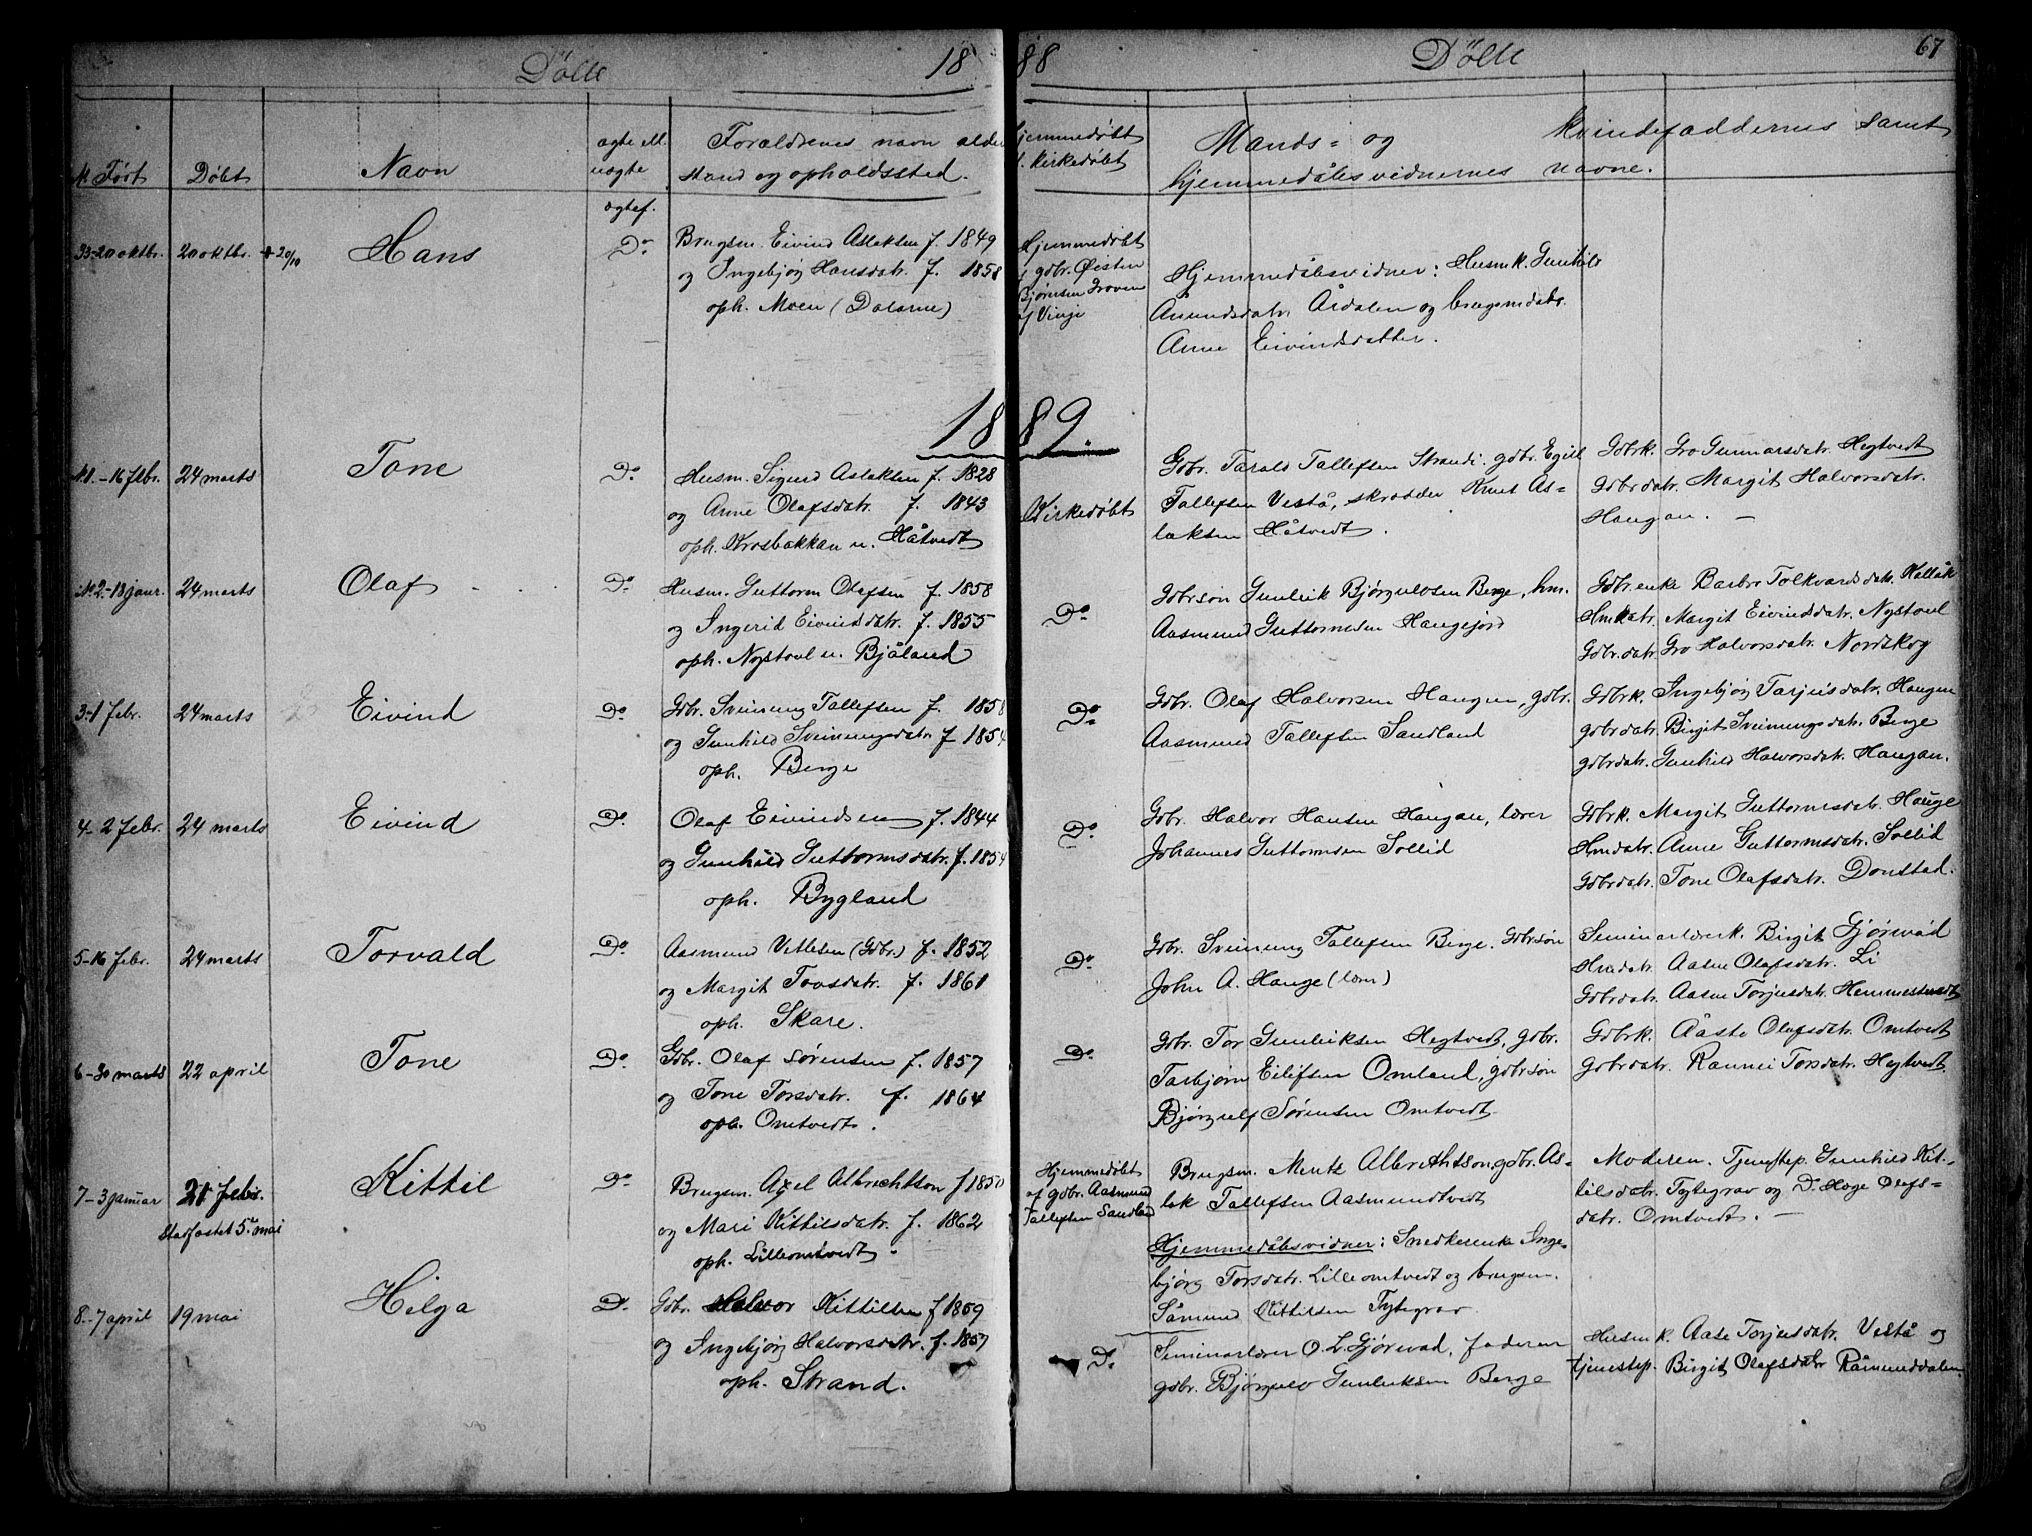 SAKO, Kviteseid kirkebøker, G/Gb/L0002: Klokkerbok nr. II 2, 1850-1892, s. 67